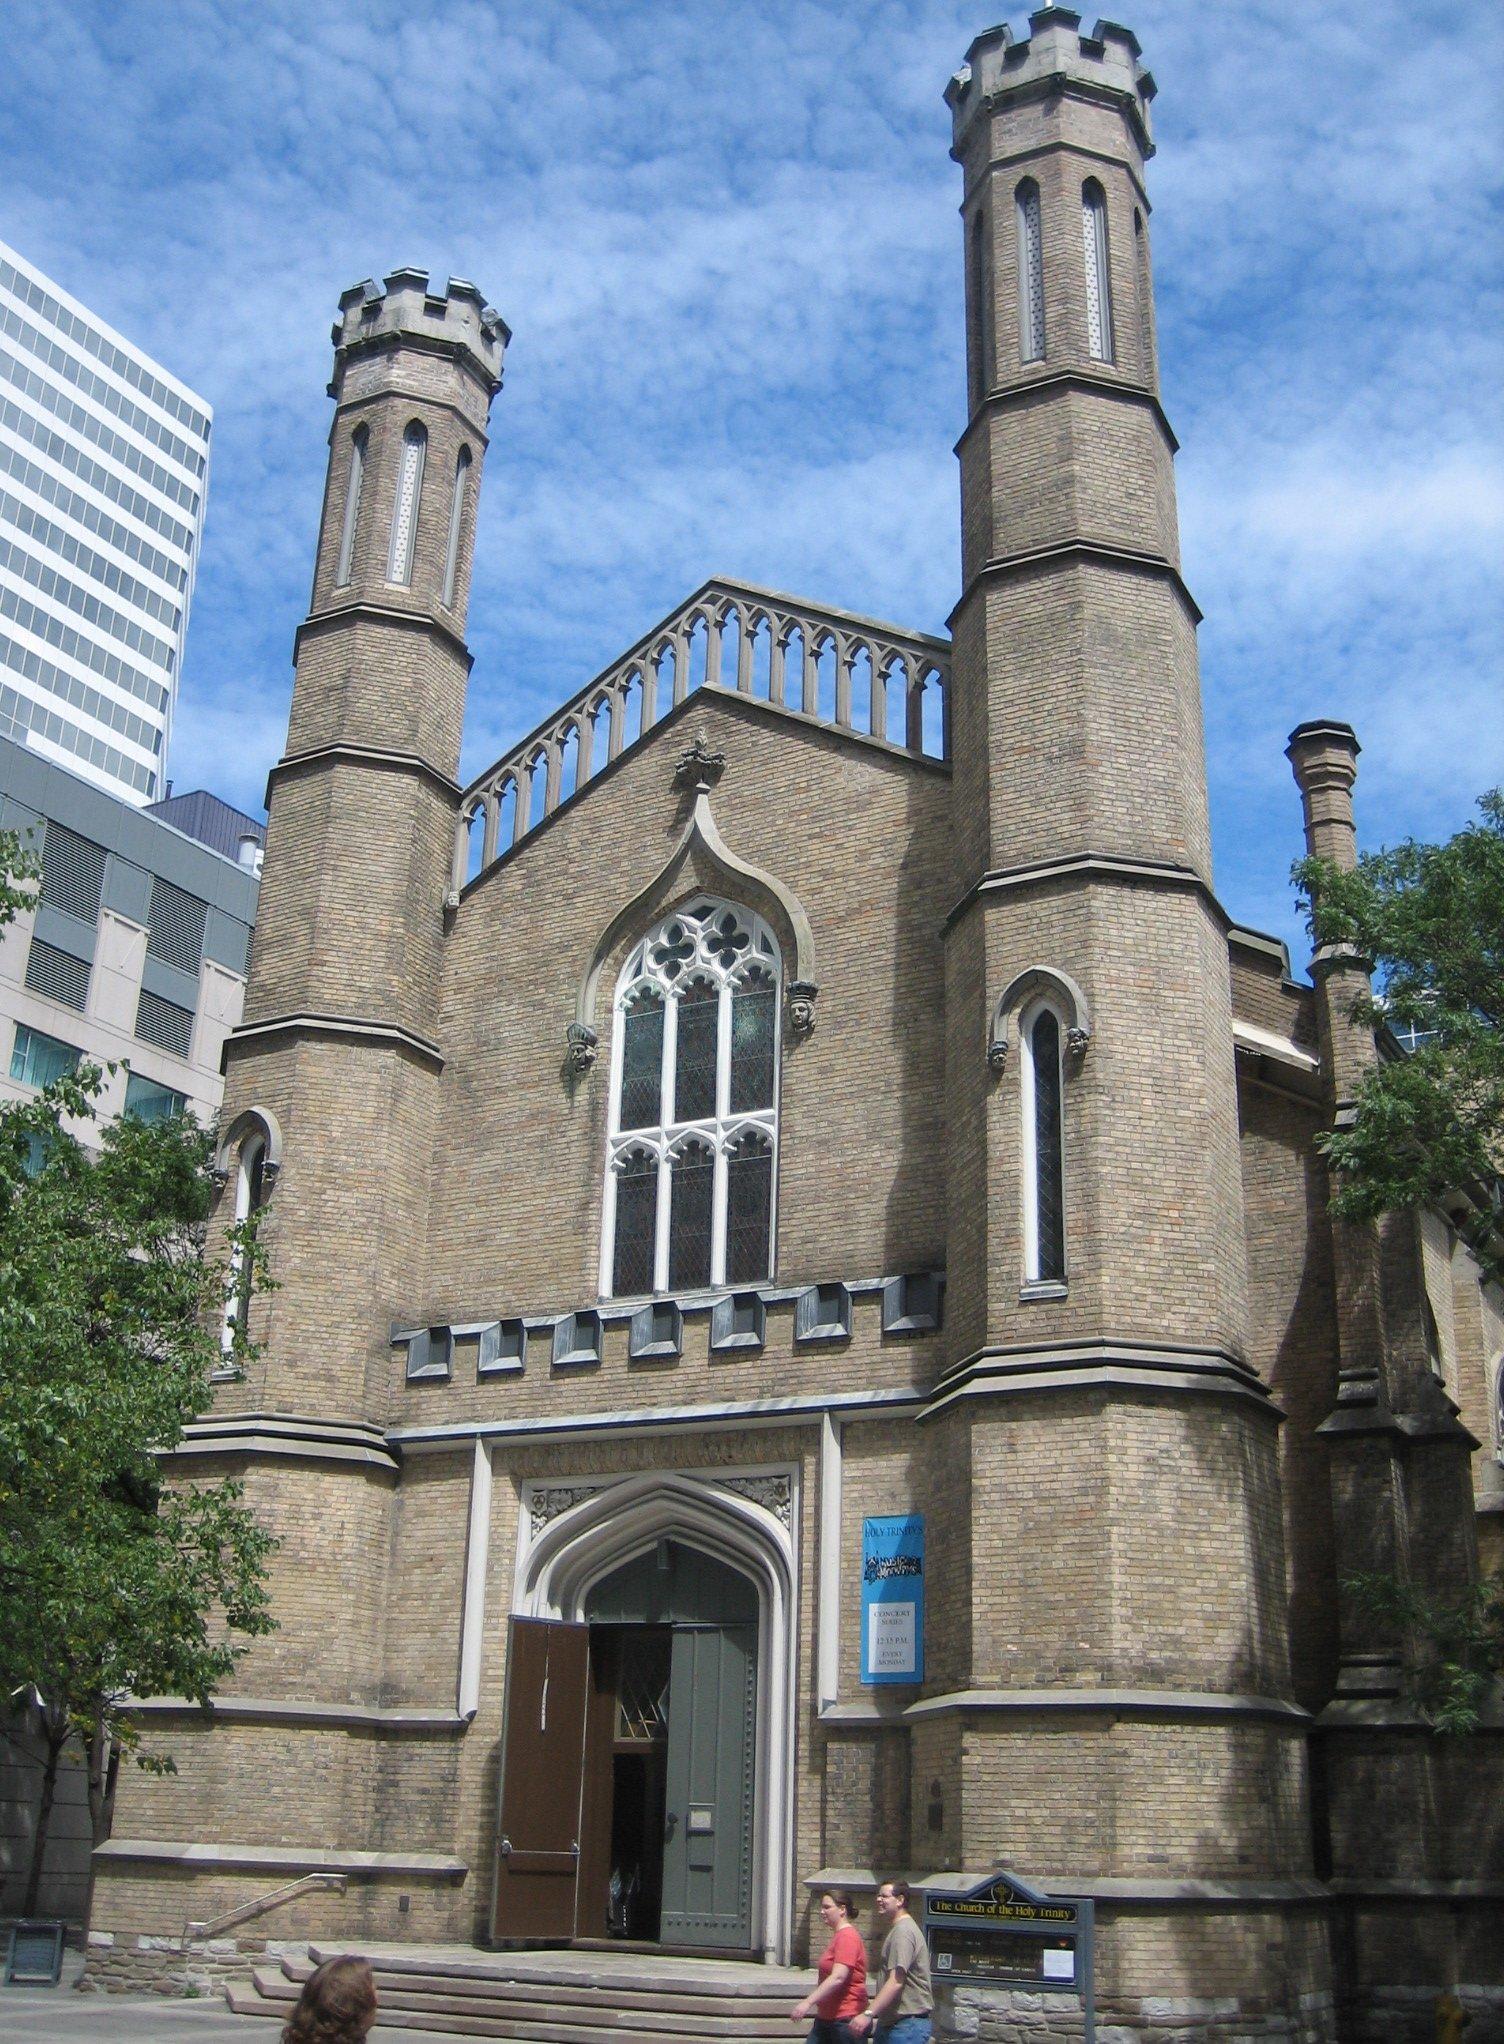 Church The Holy Trinity Toronto Wikipedia